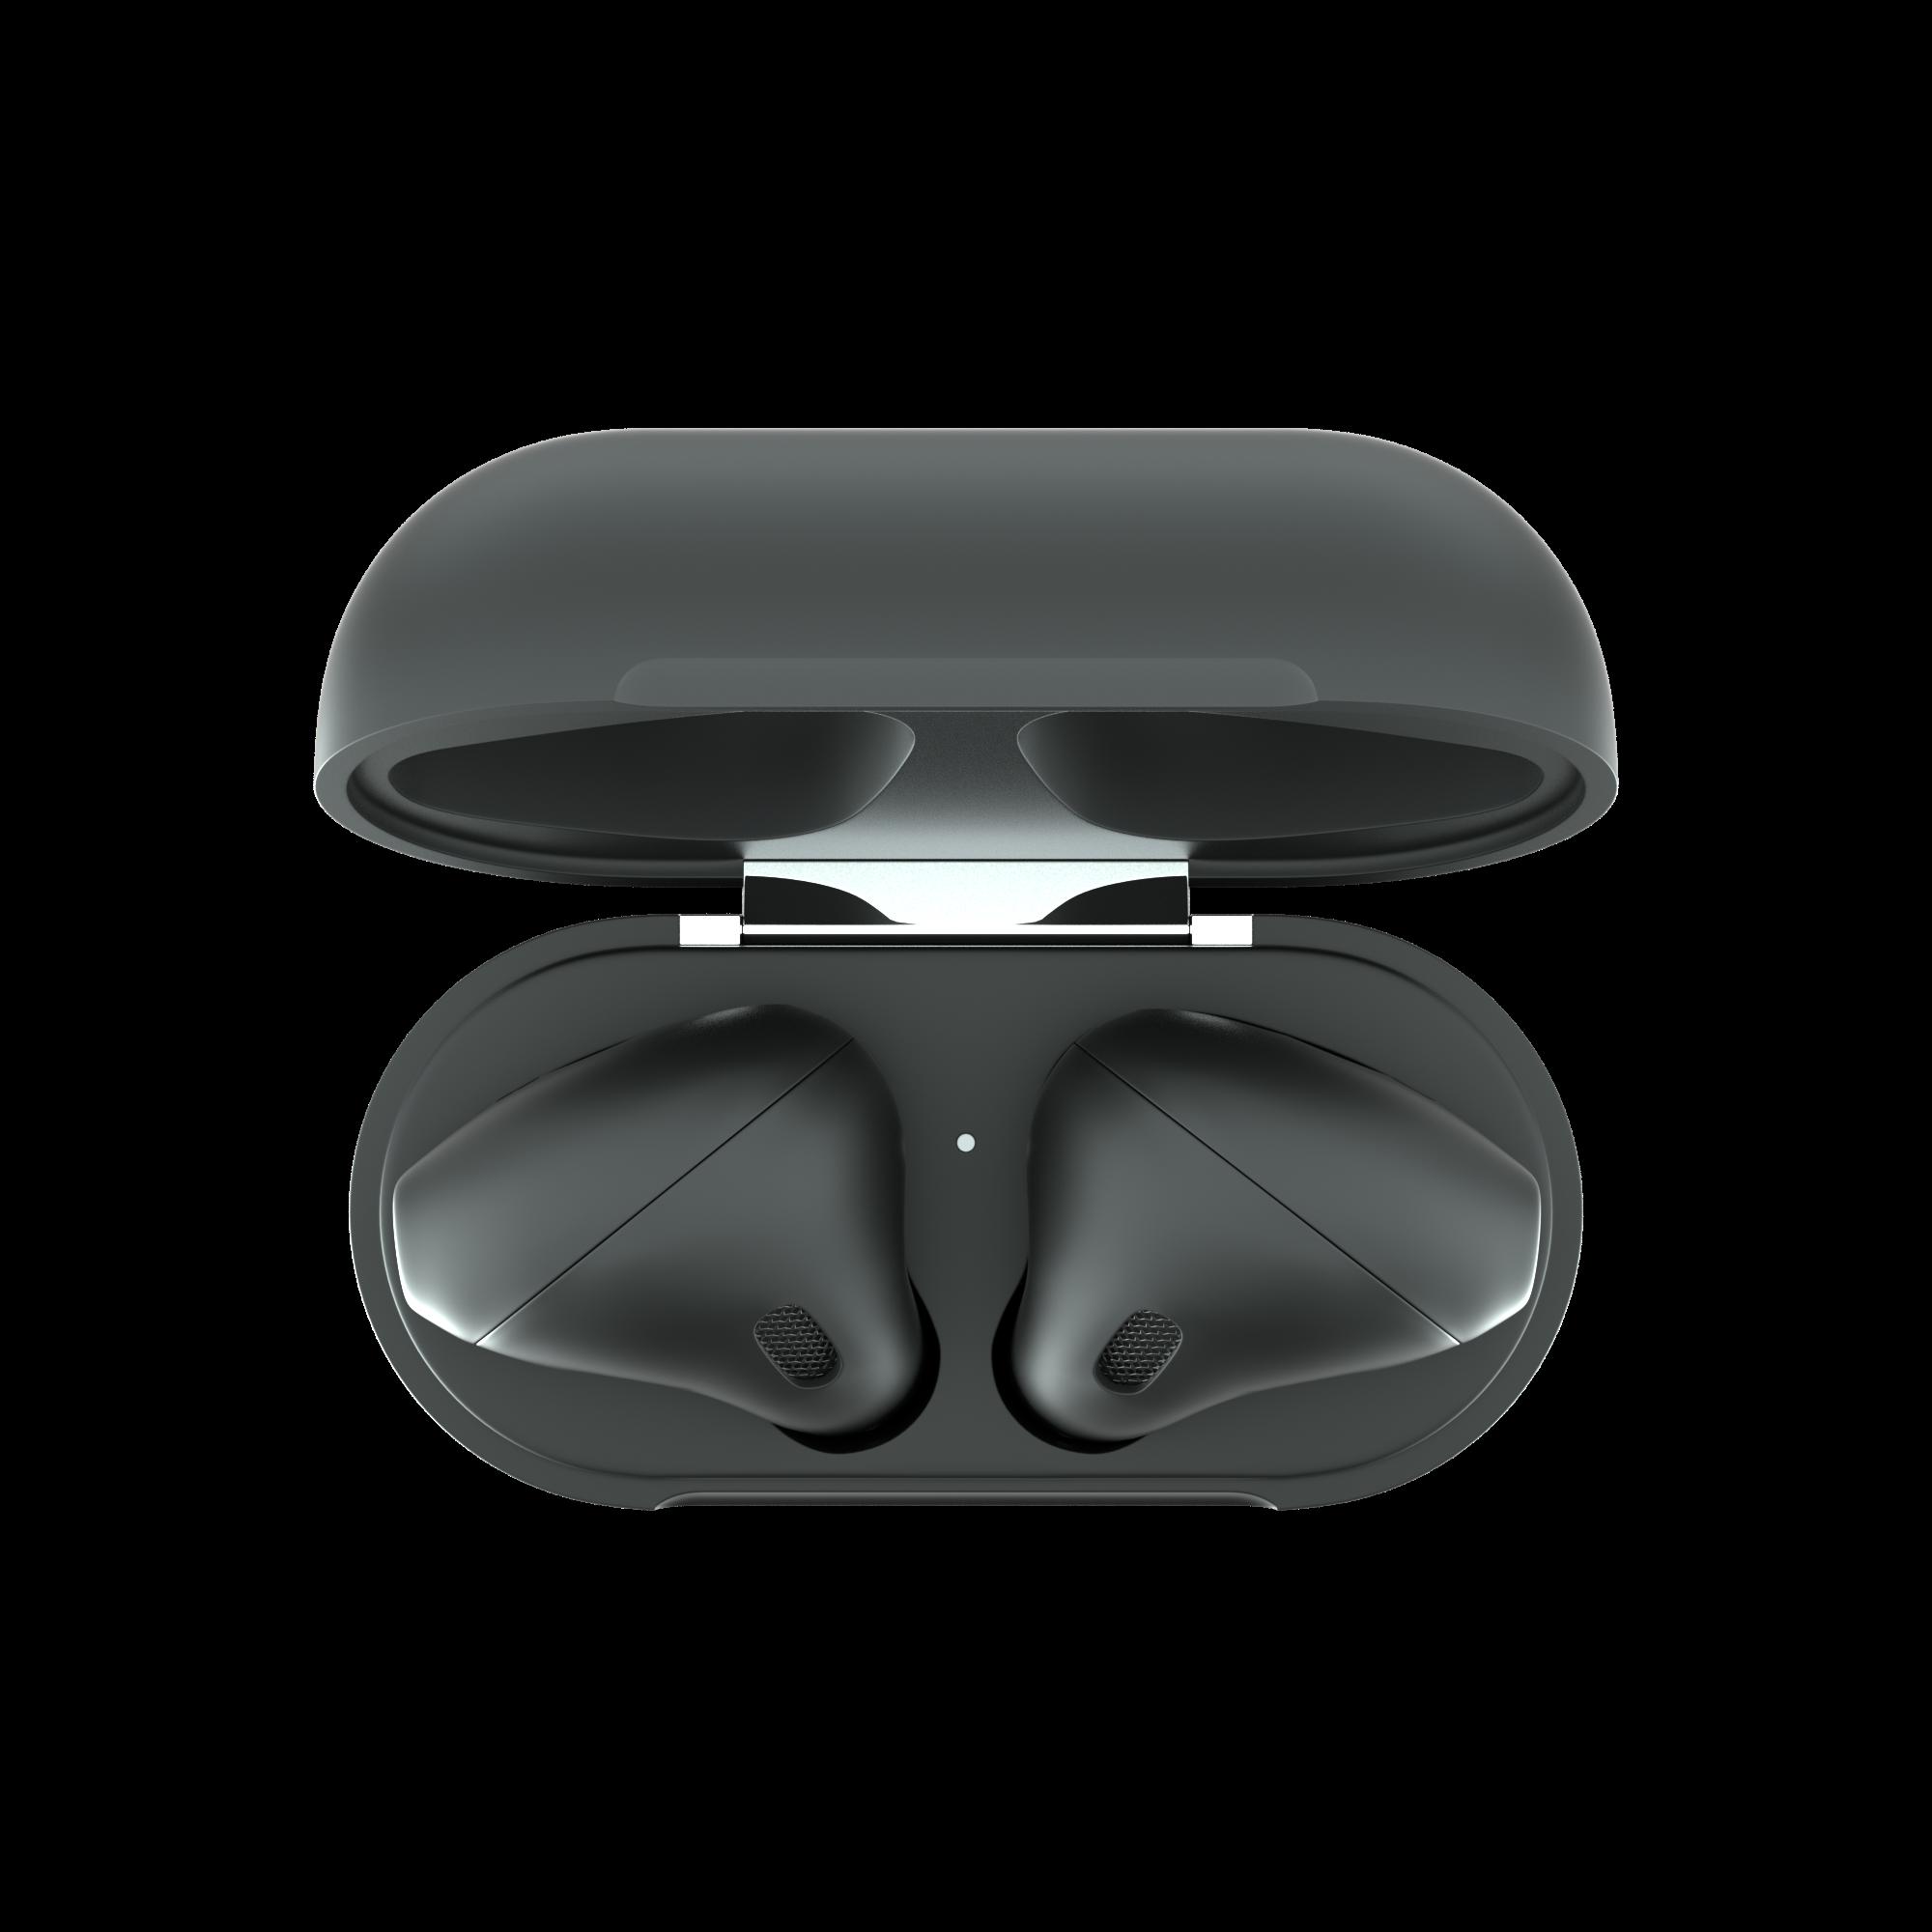 All Black AirPods Black Pods 2 Blvcknoir.com